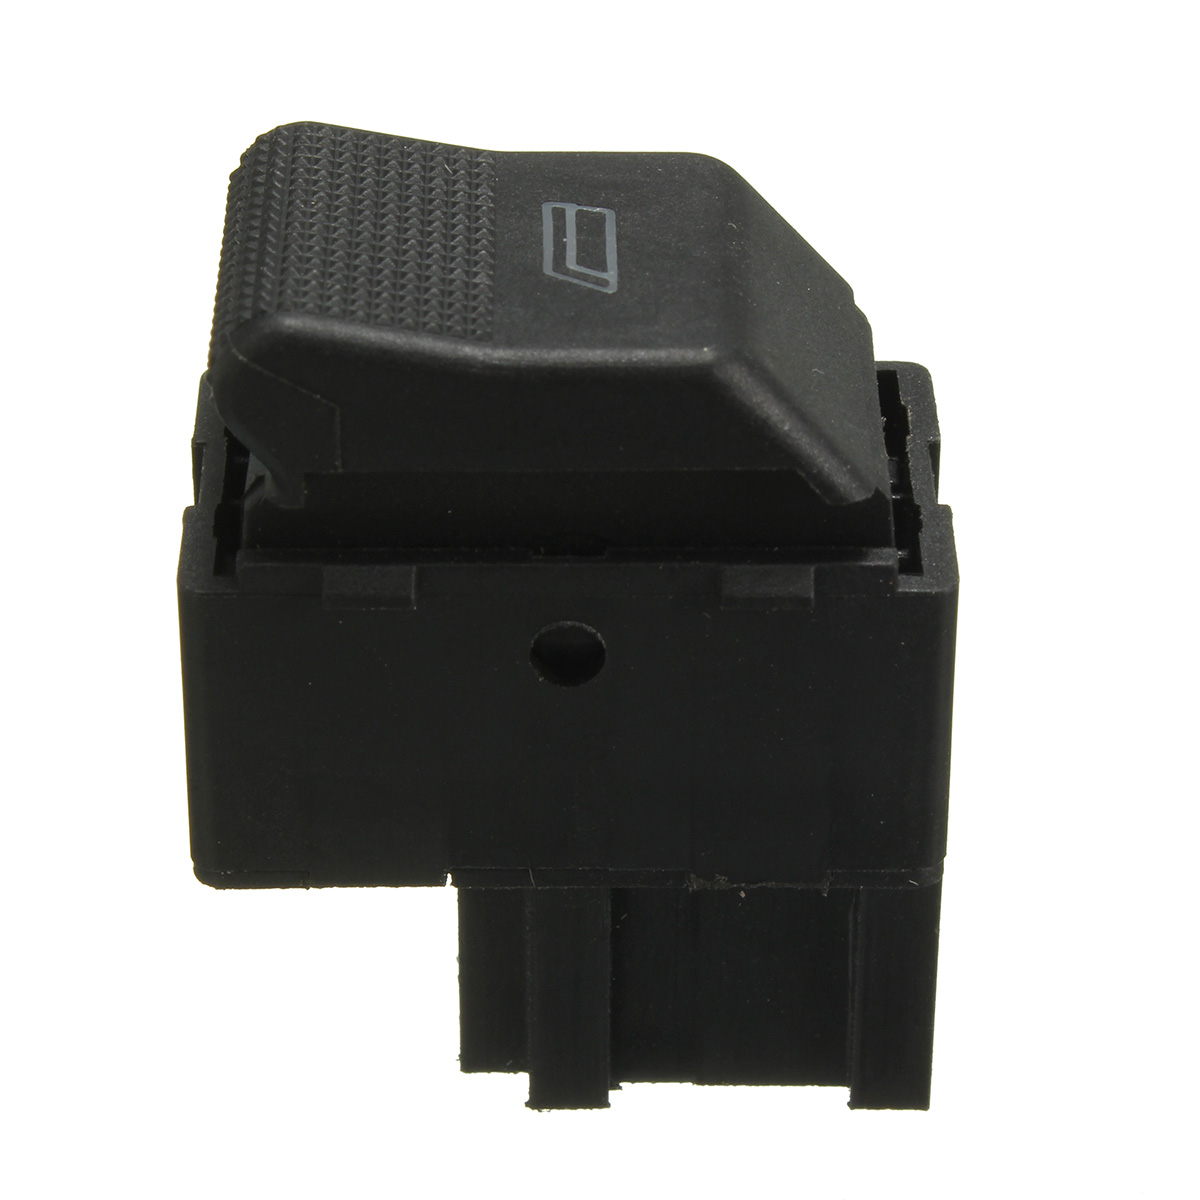 1 Pcs Universel Noir Électrique De Commande De Fenêtre Pour VW Polo Lupo 6N2 Seat Cordoba 6X0959855B